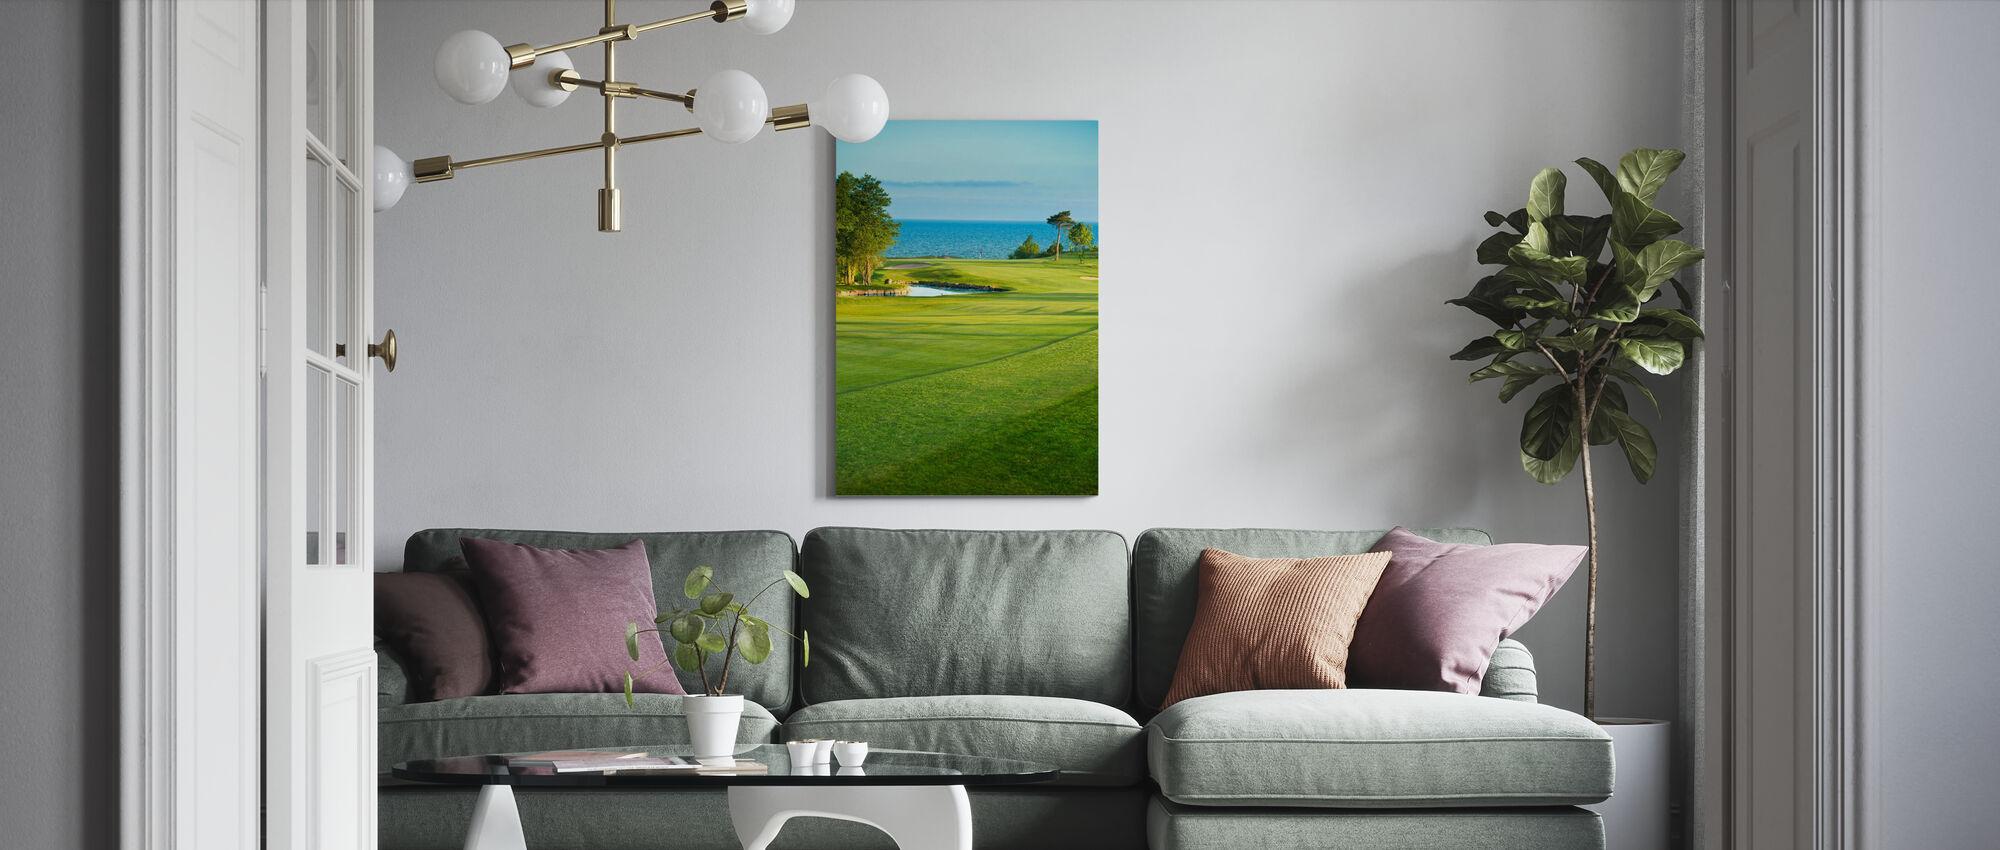 Golfbaan in Stora Lund, Zweden - Canvas print - Woonkamer